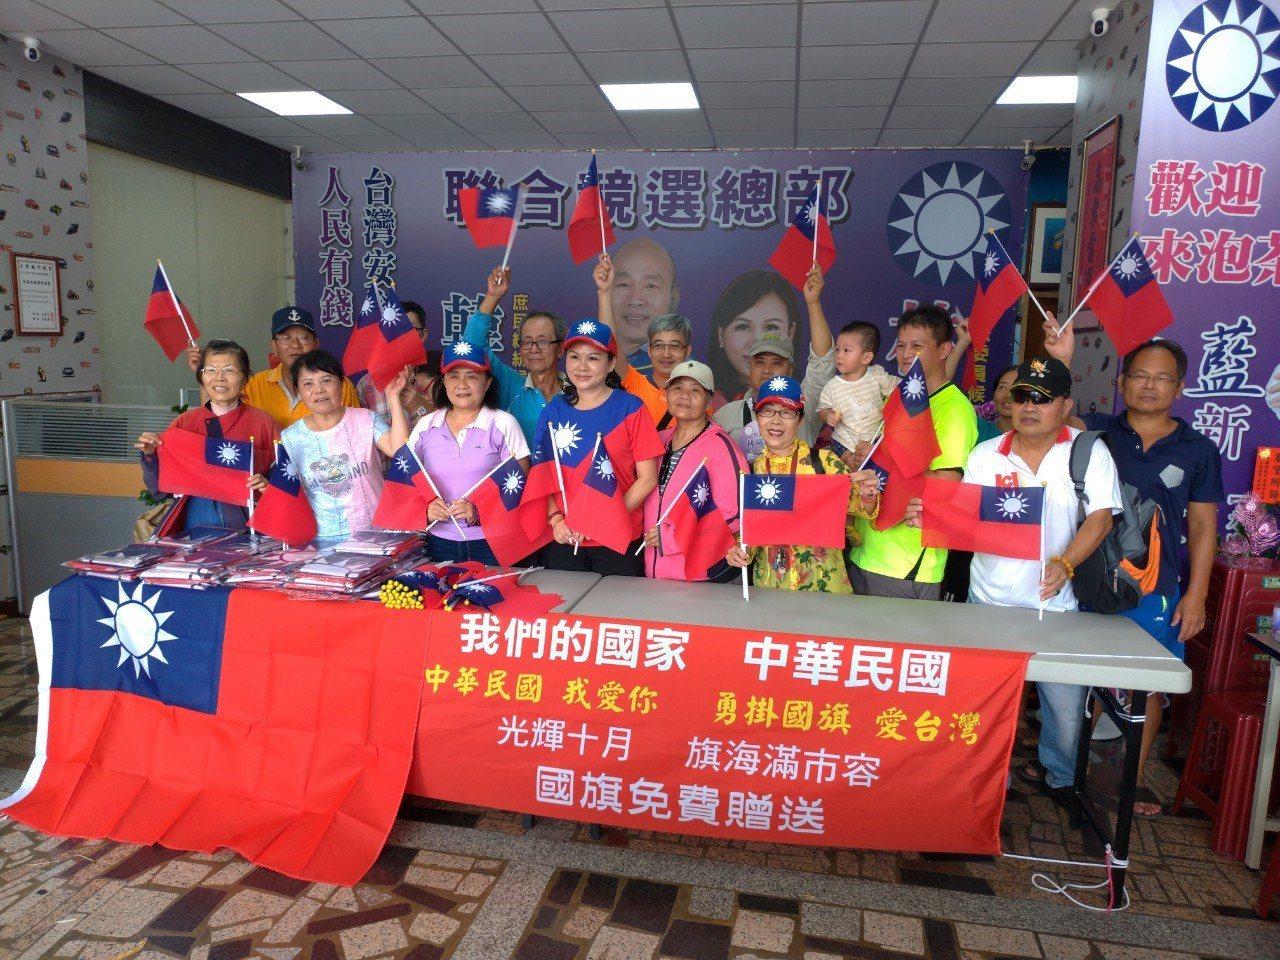 台南「熱心愛國市民」捐大小國旗 議員快閃分送秒殺